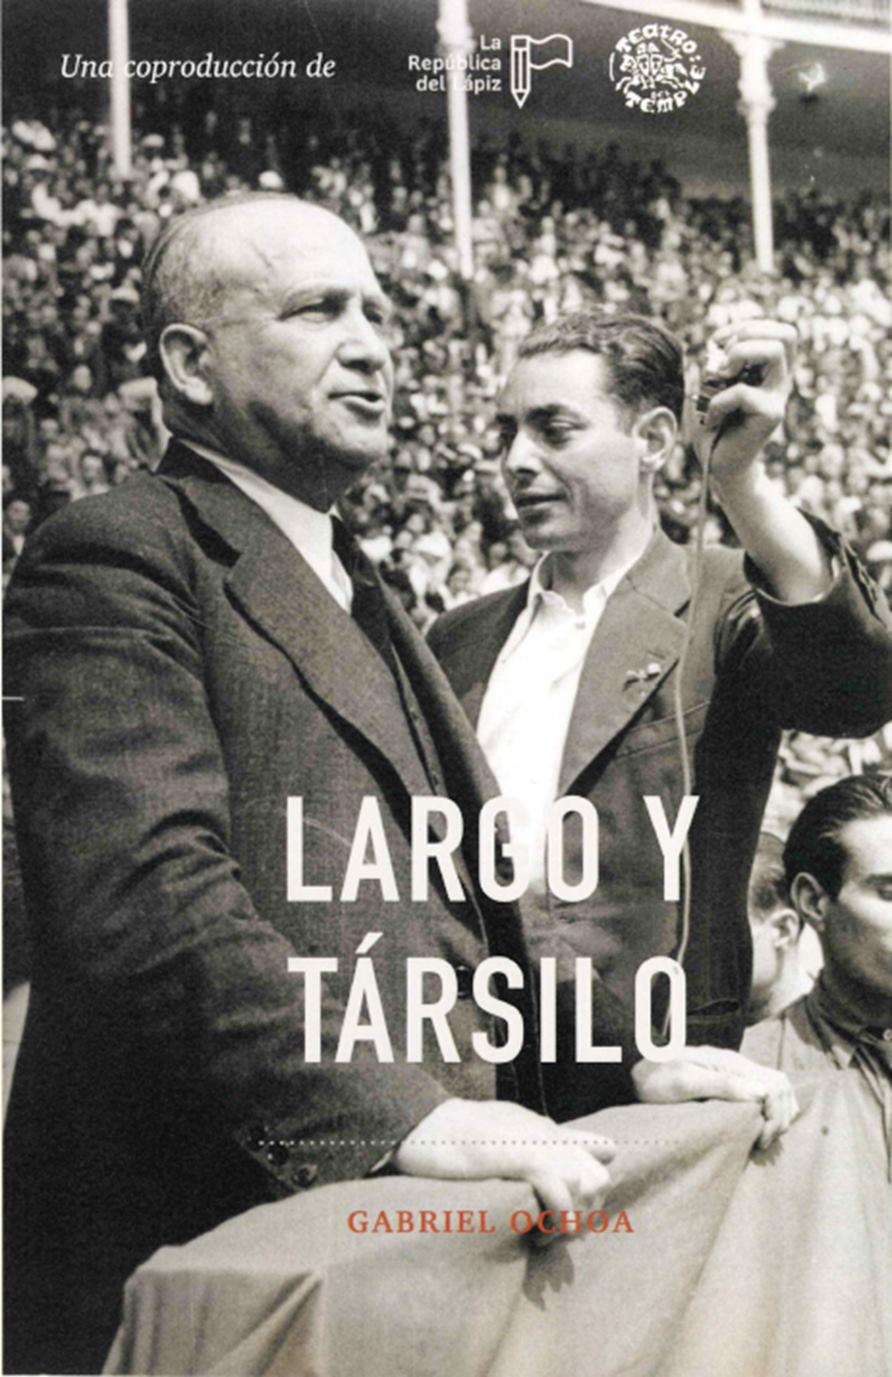 Cartel-Lasrgo-y-Tarsilo